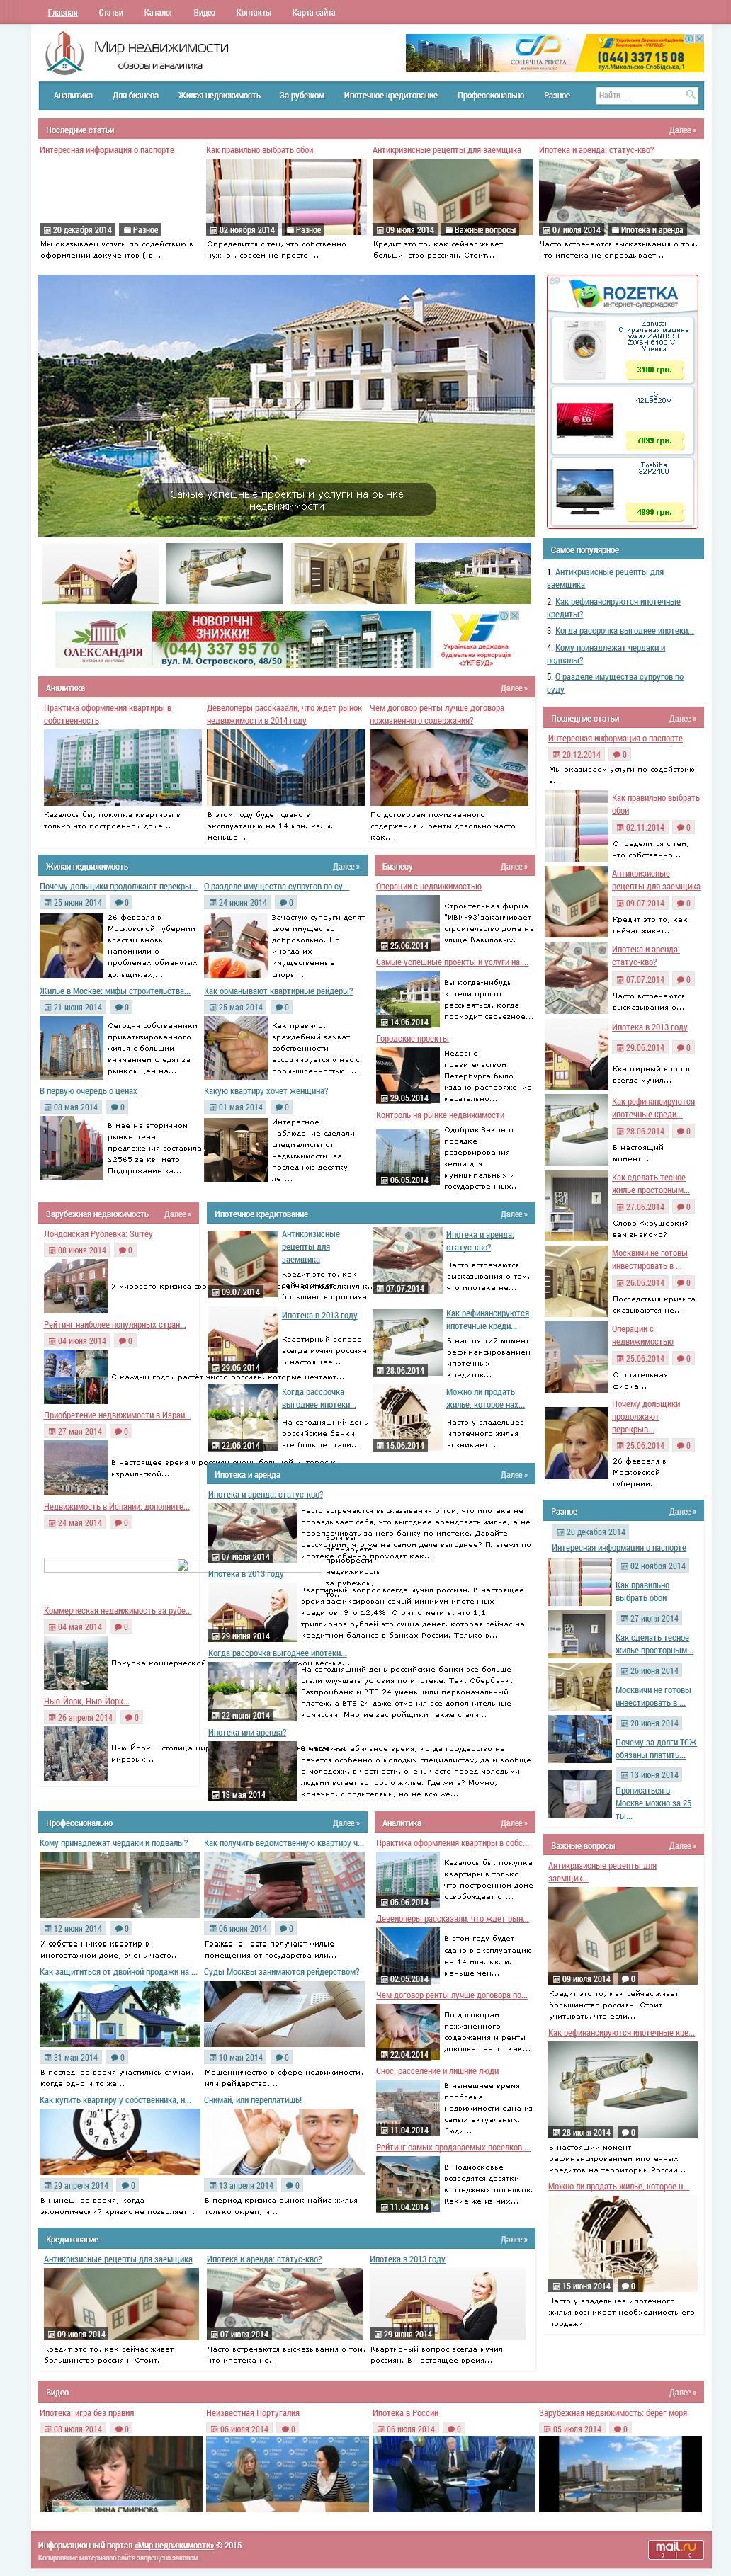 Недвижимость шаблон для Wordpress